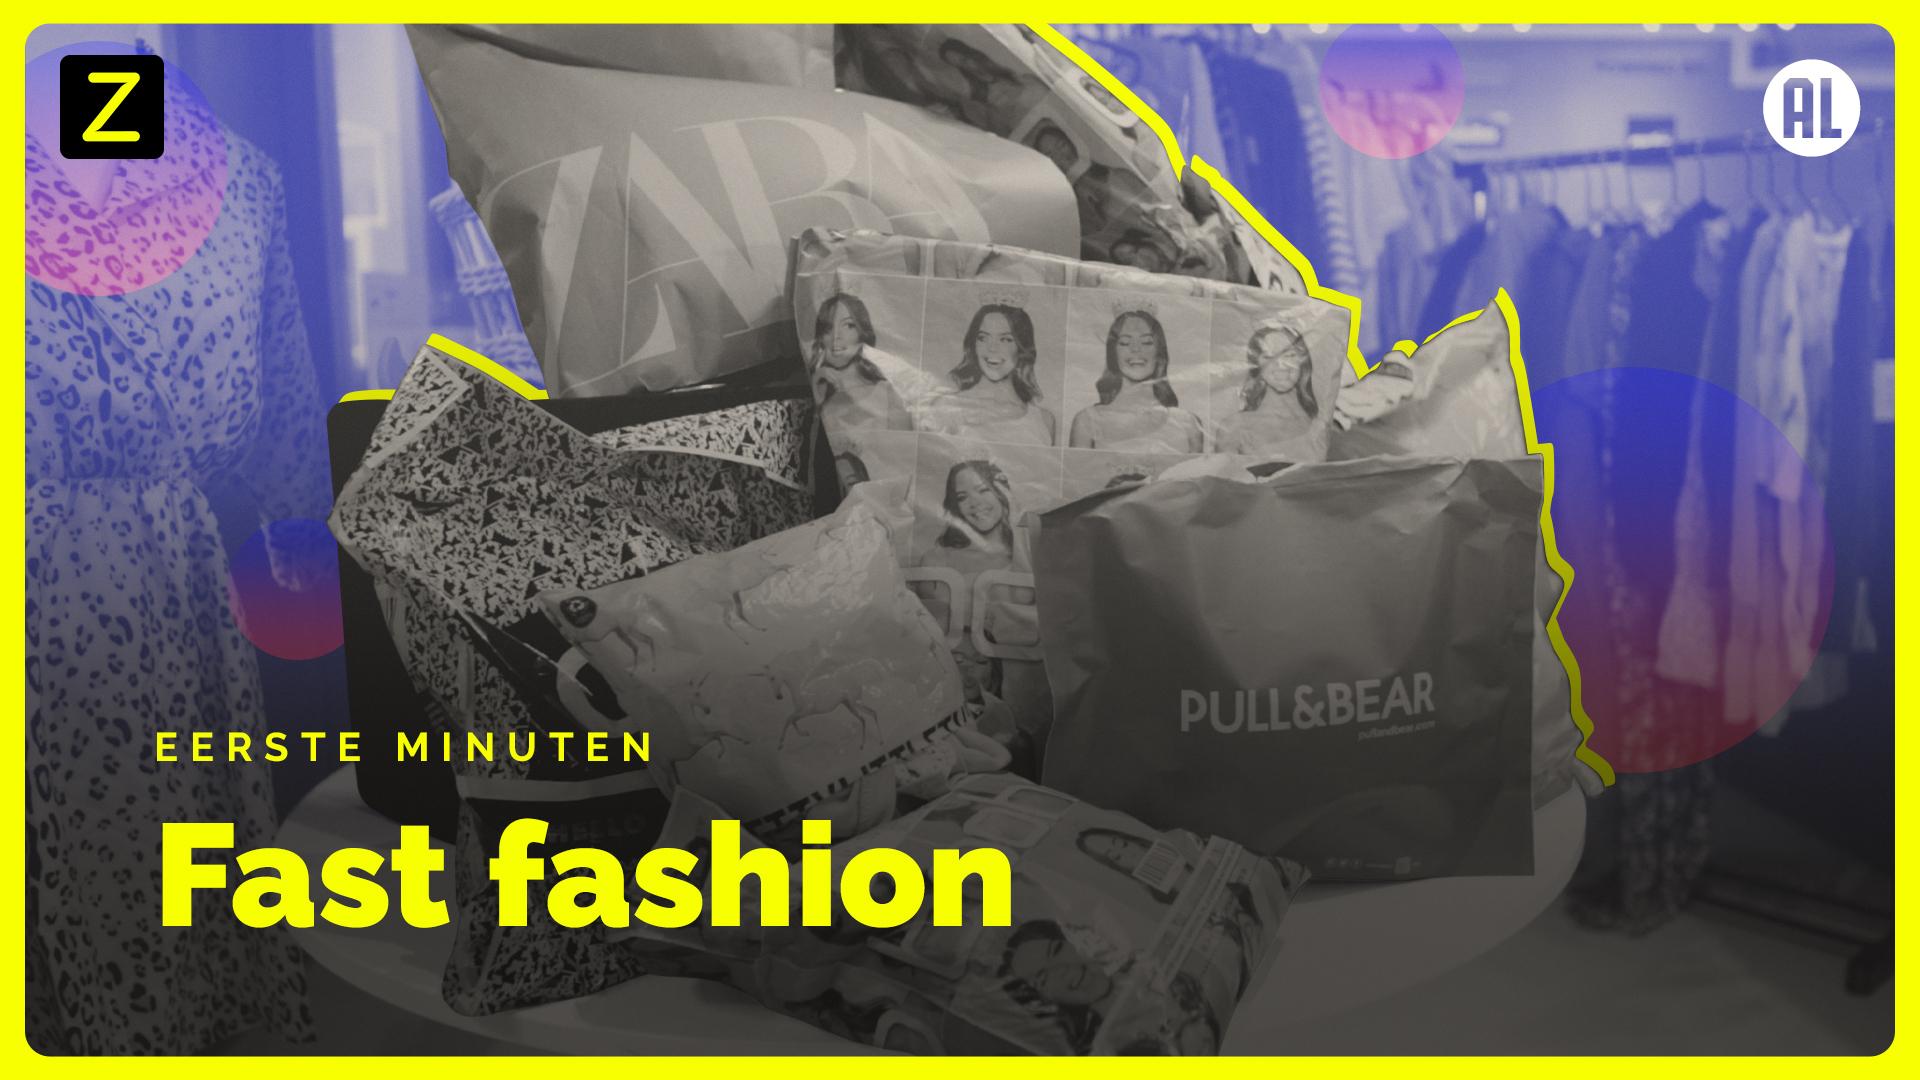 Afbeelding van Eerste minuten uit 'De fast-fashionfuik'